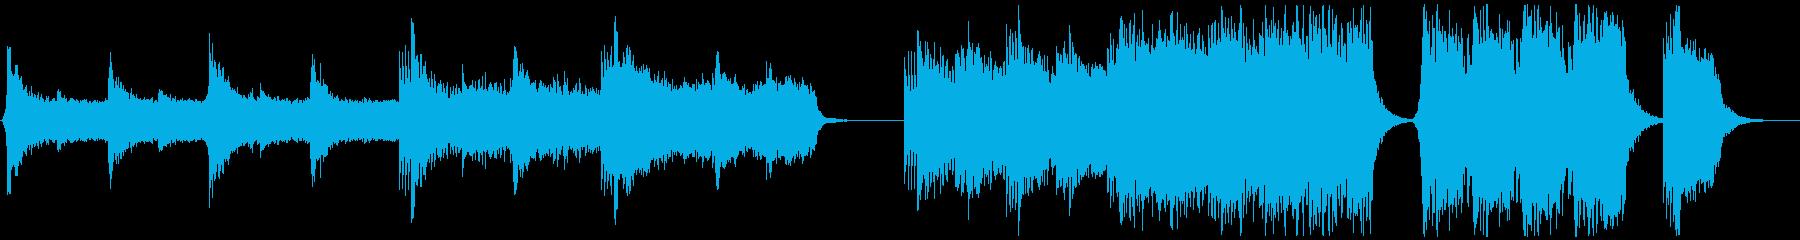 【予告編】トレーラー・ハリウッド・緊張感の再生済みの波形